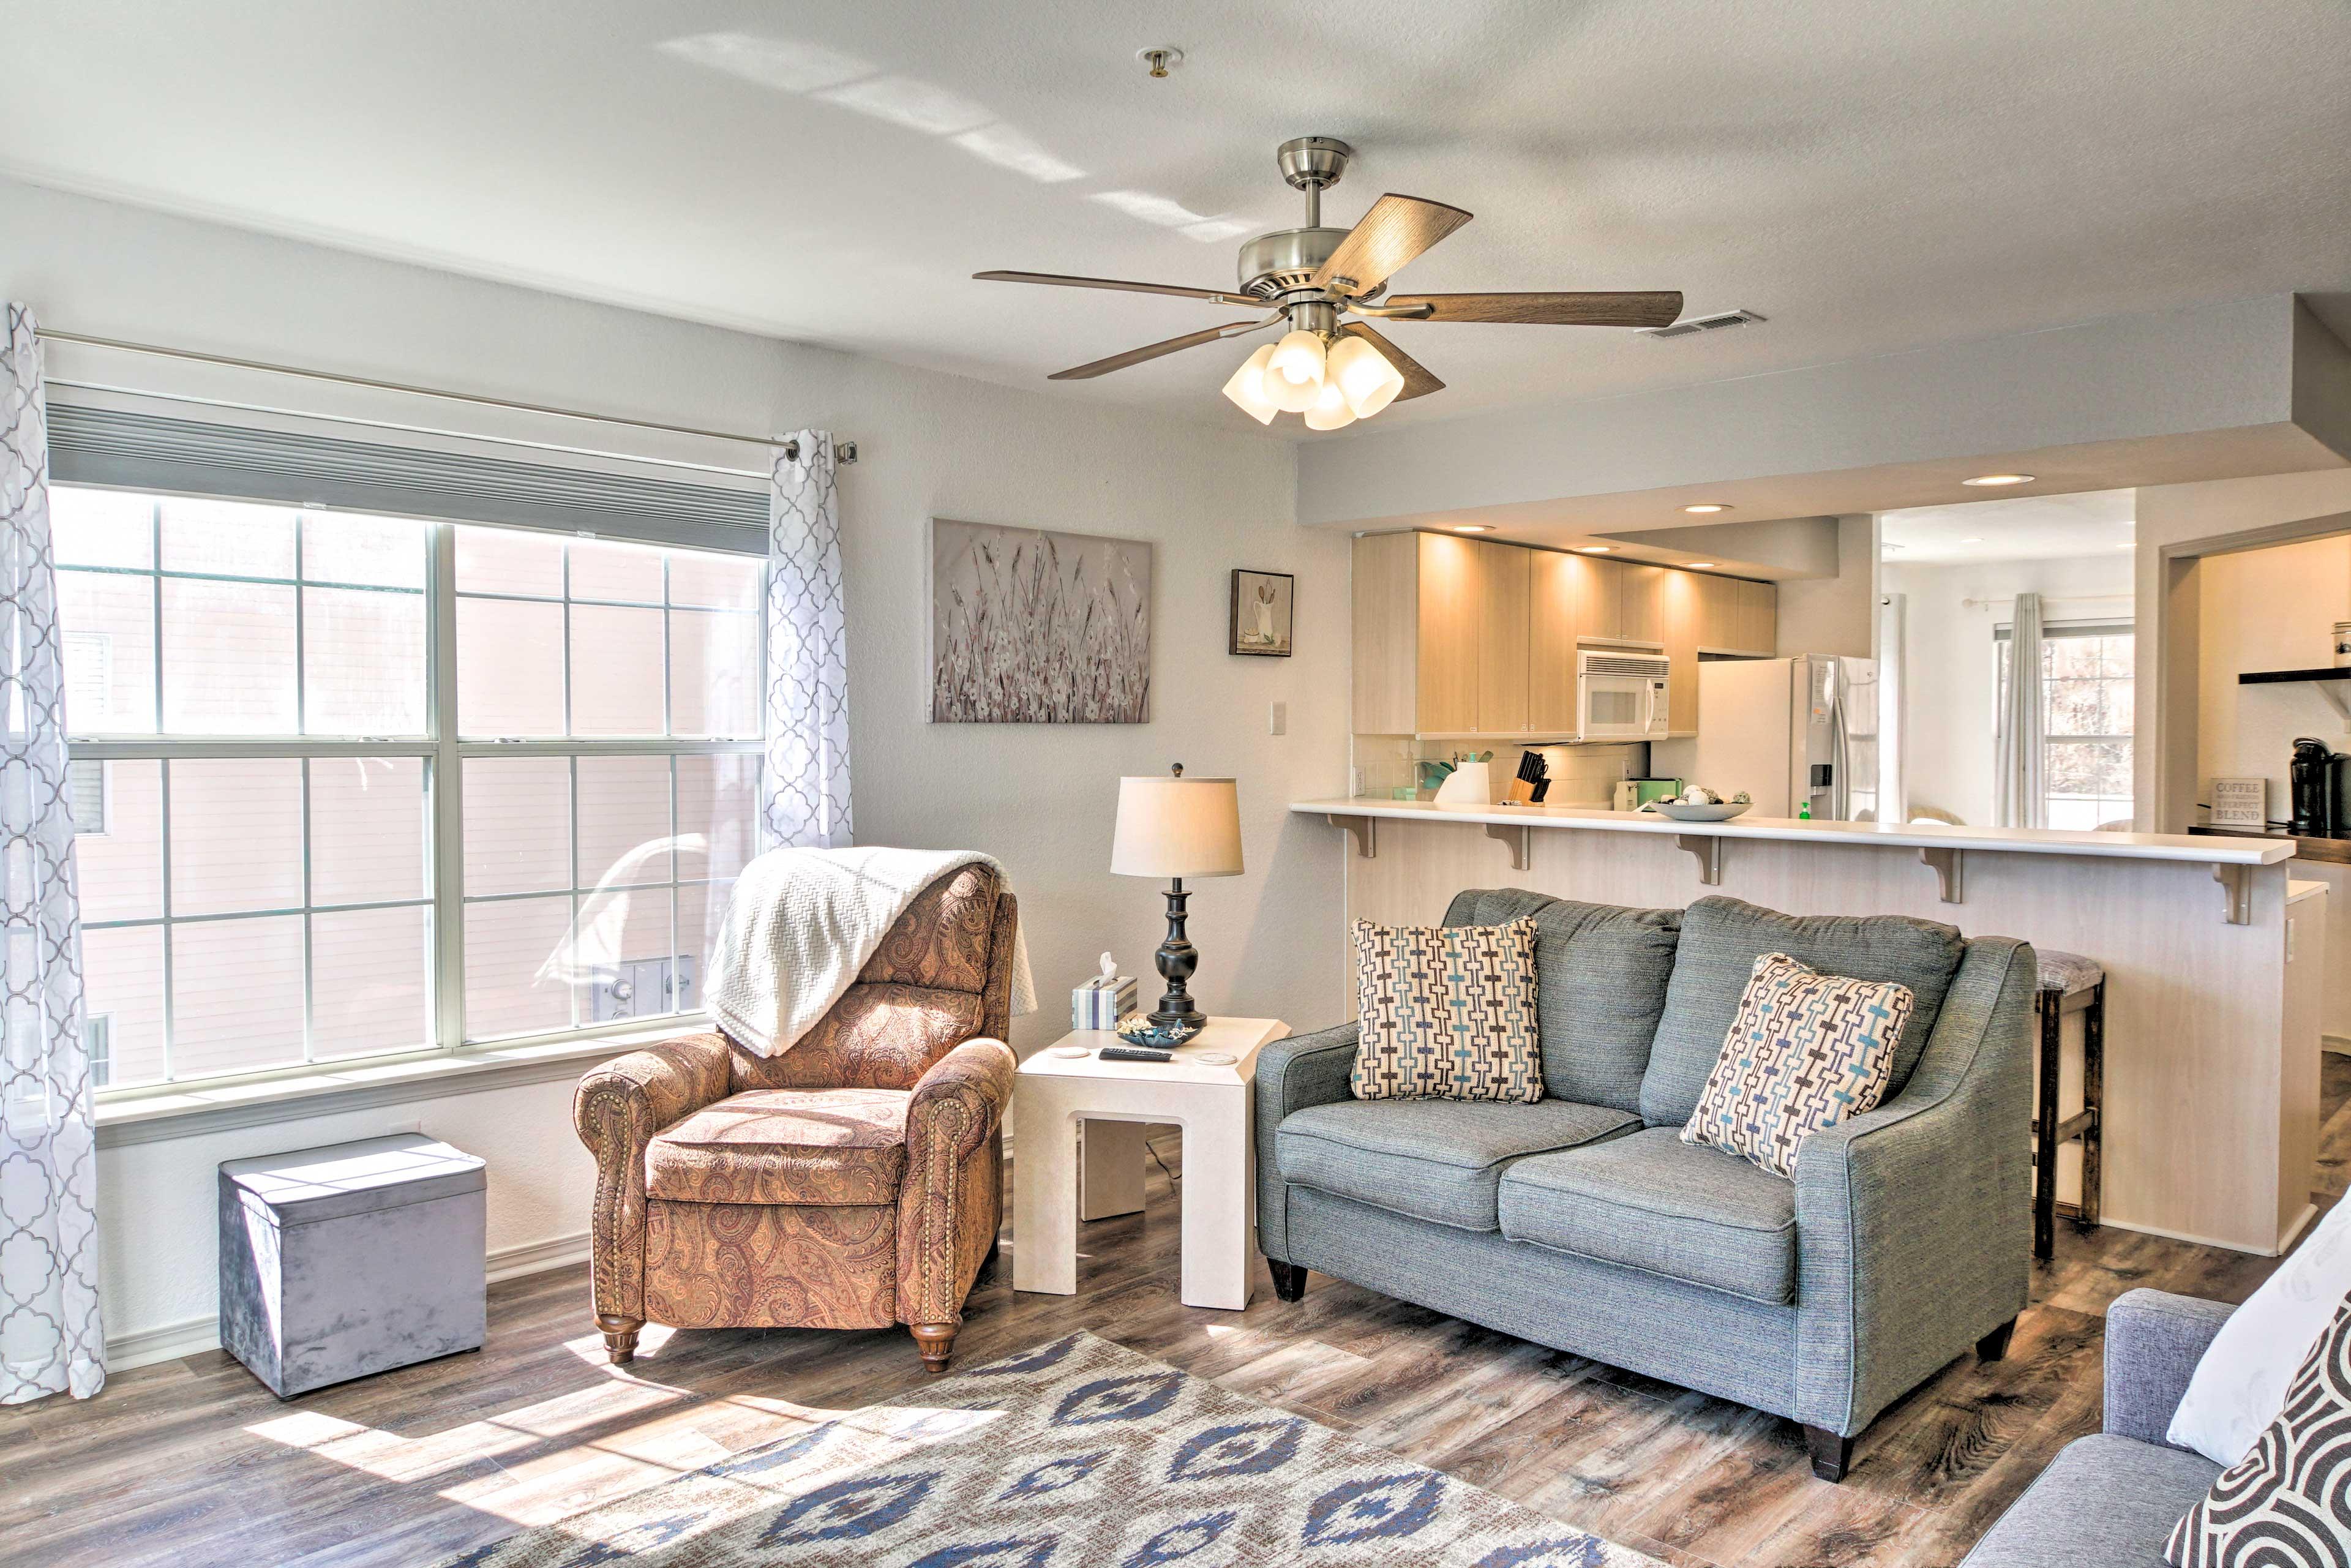 Living Room | Twin Sleeper Sofa